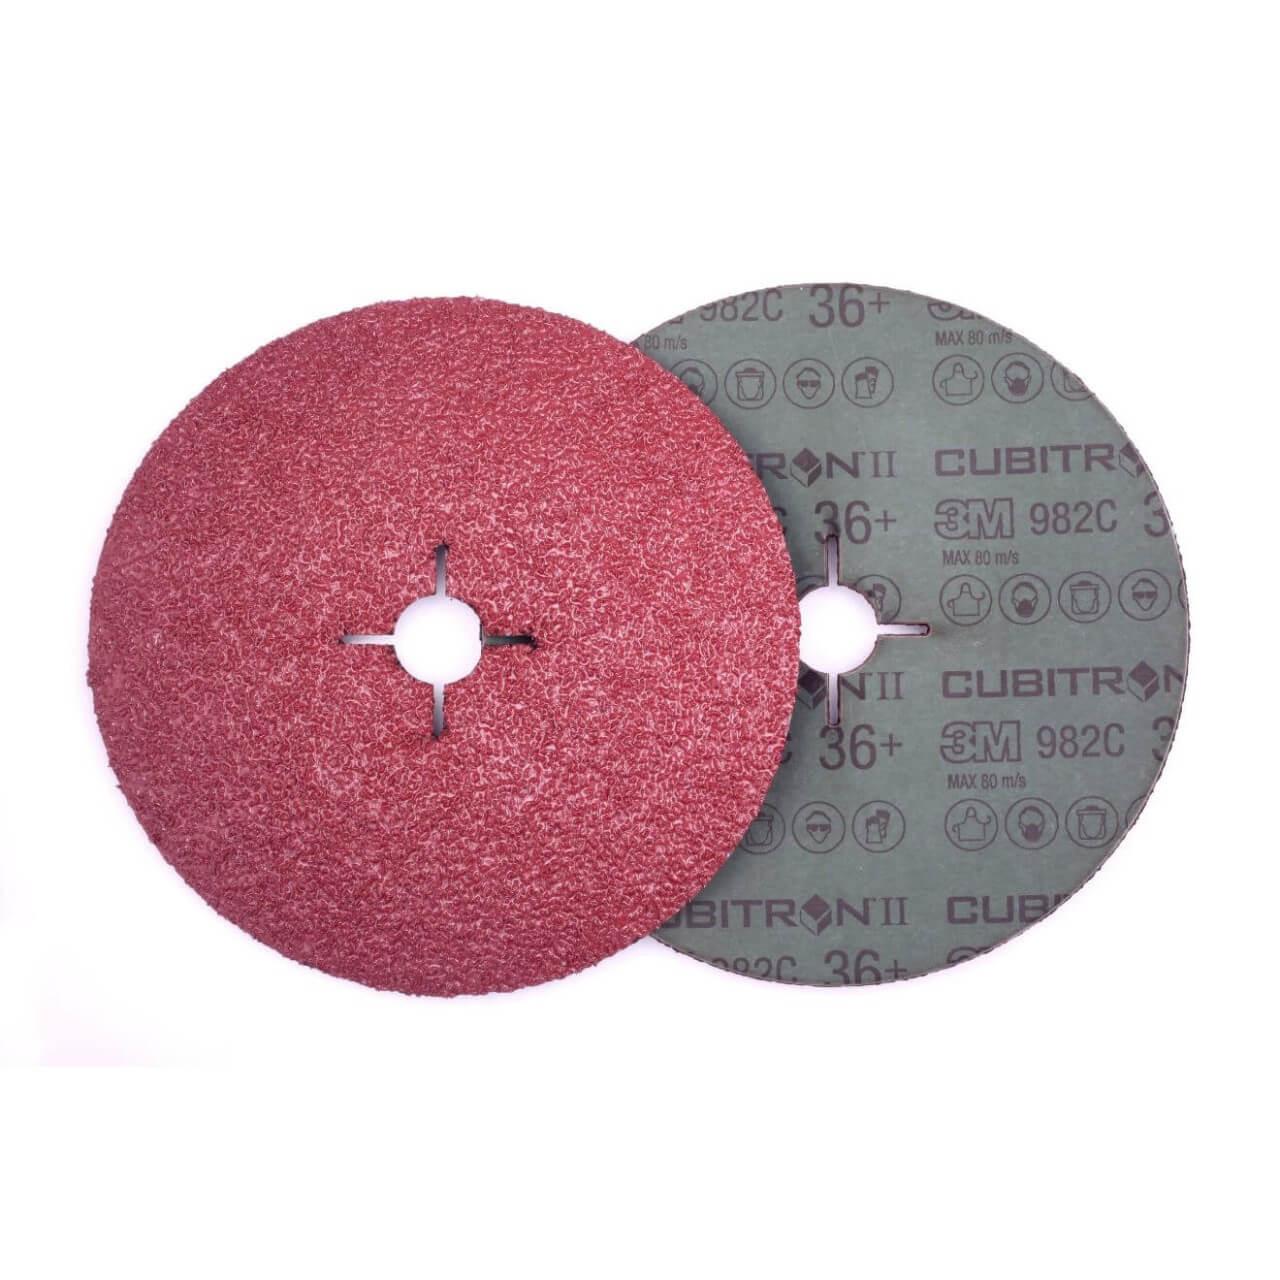 3M Cubitron II 982C 125x22 36+ Fibre Disc